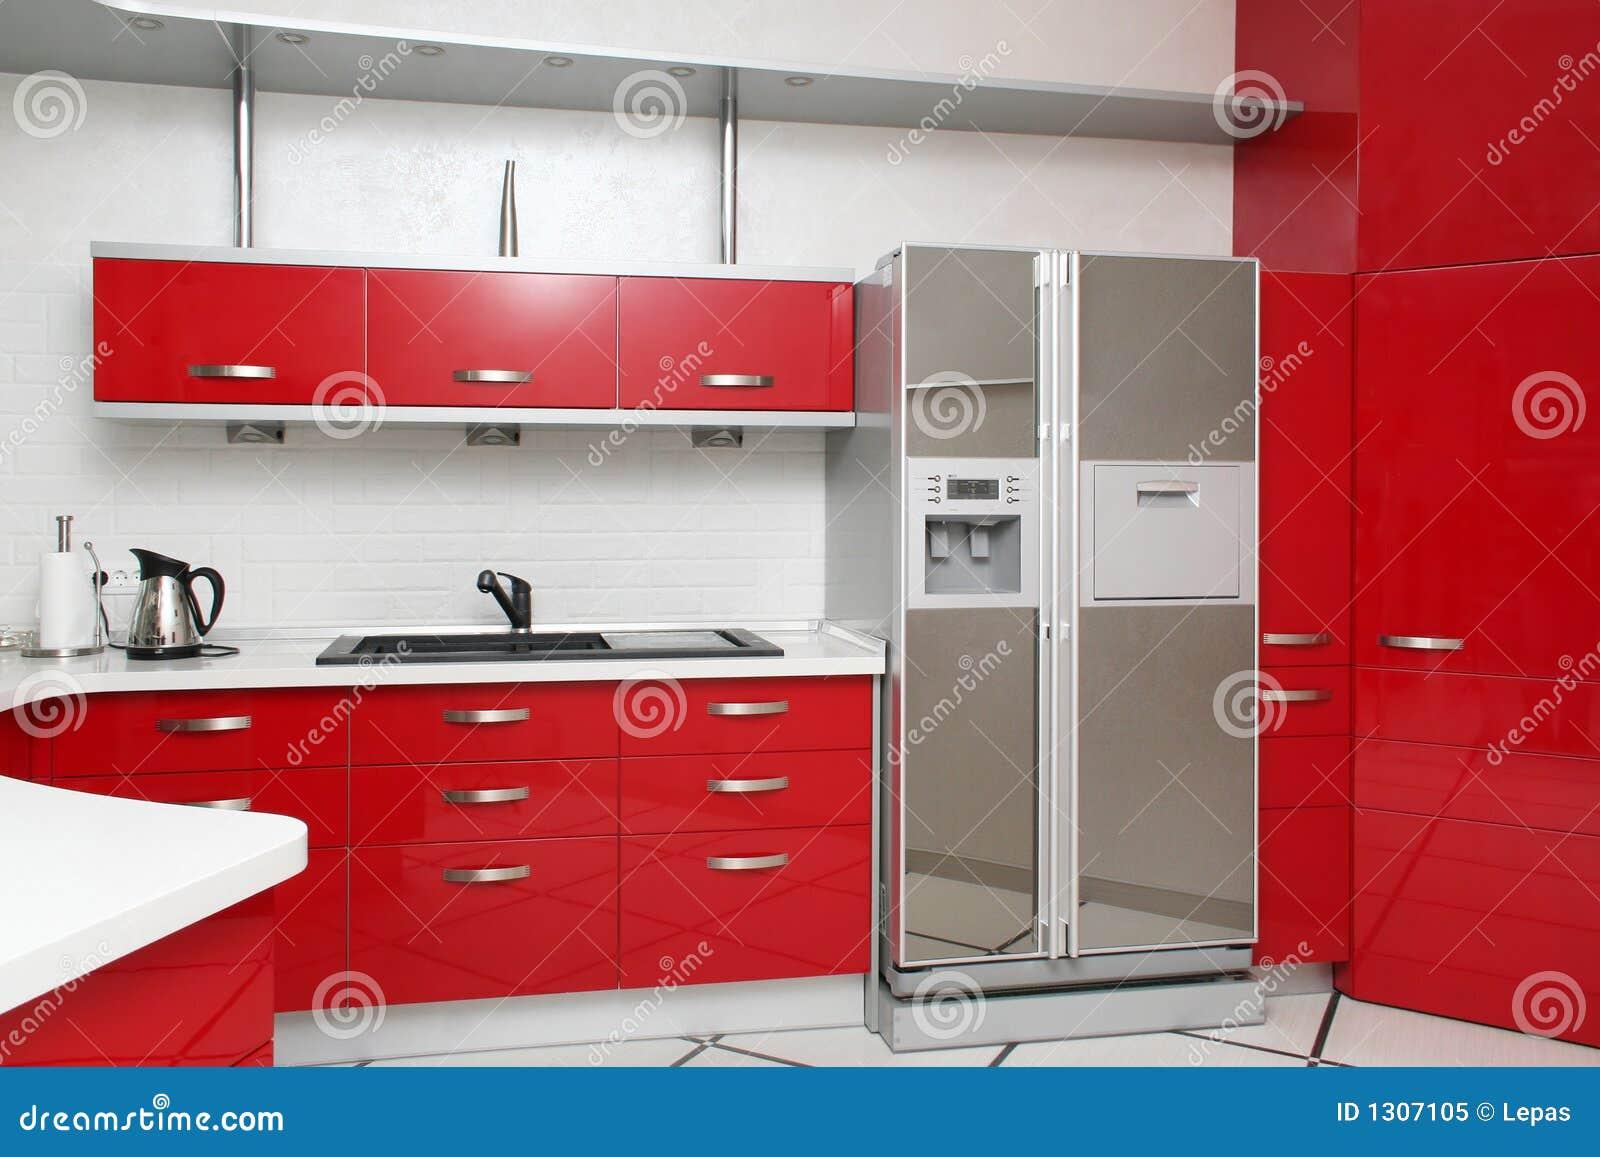 Cozinha Vermelha Foto de Stock Royalty Free Imagem: 1307105 #B5161C 1300 957